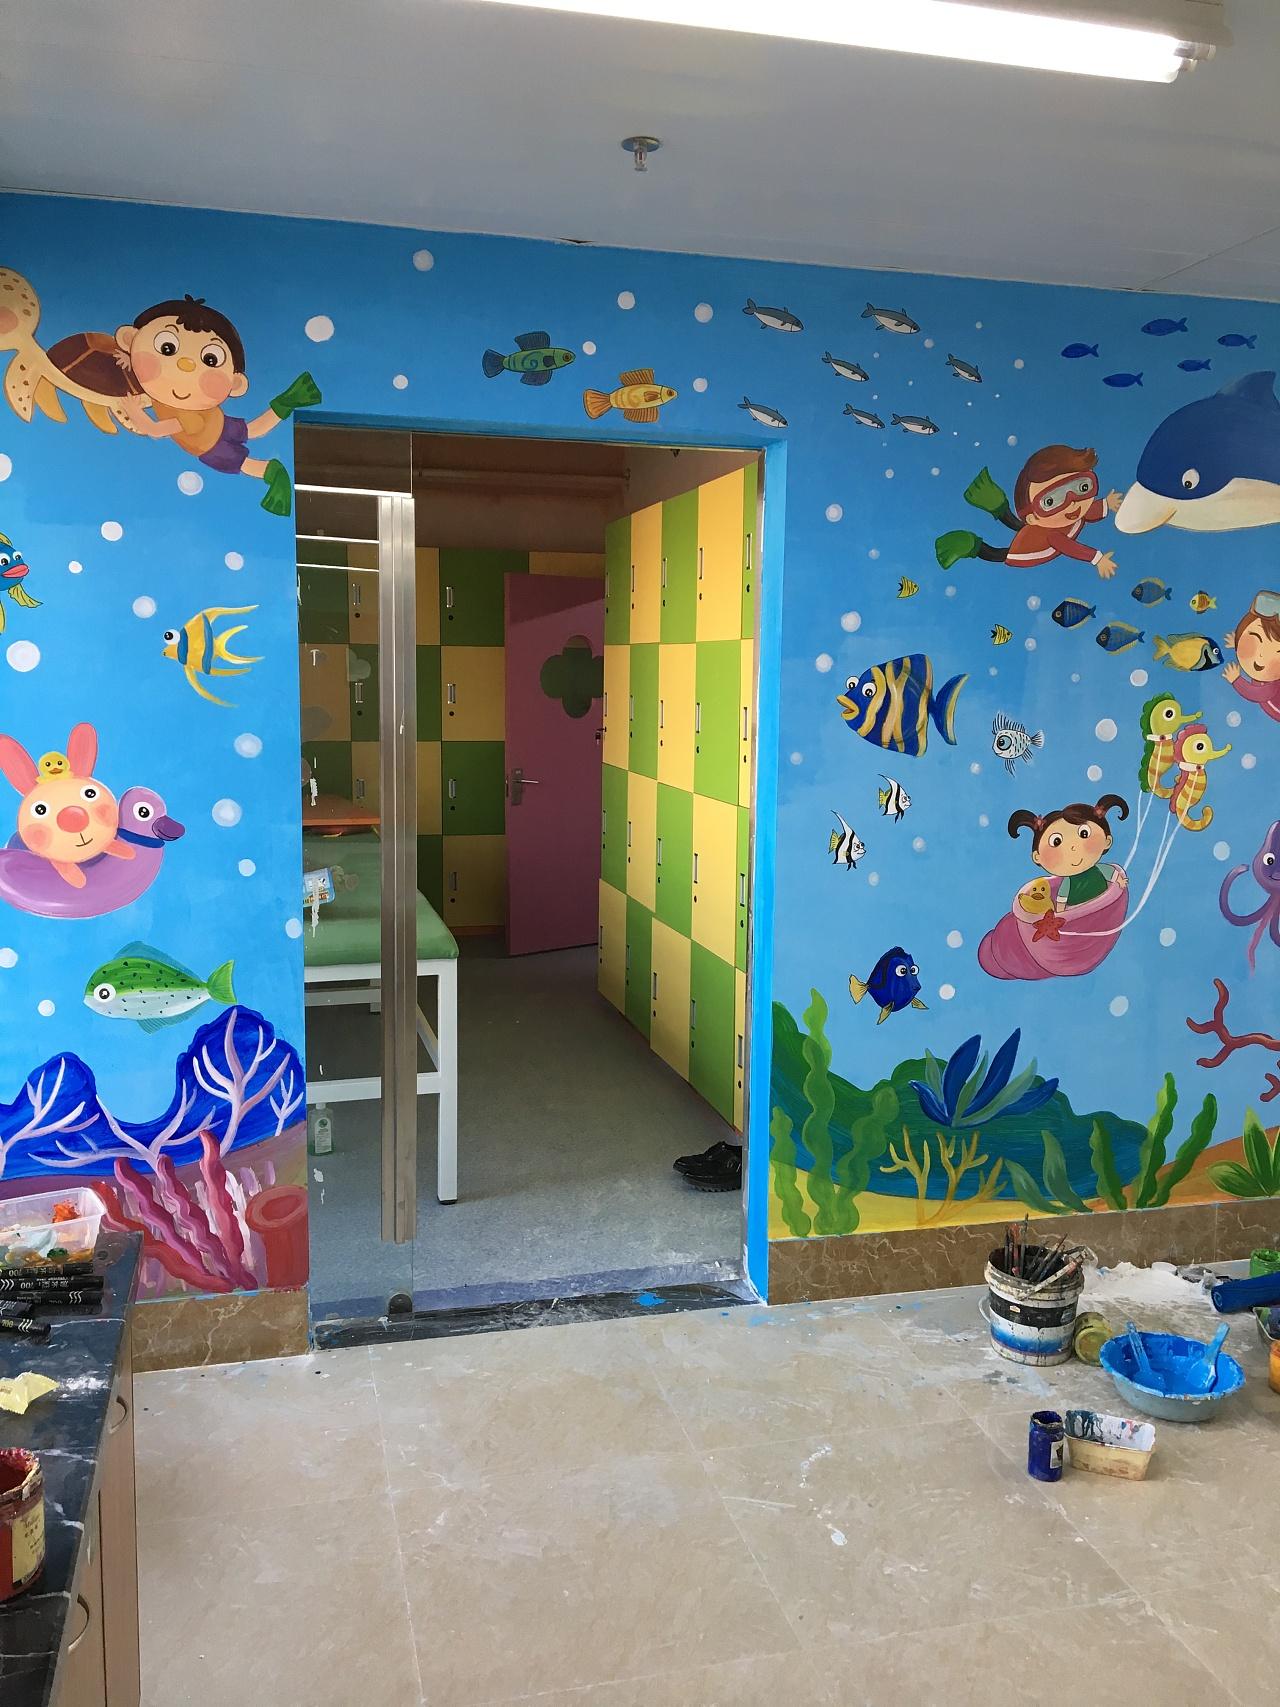 南昌喷绘墙面,南昌墙面喷绘,南昌涂鸦壁画,南昌幼儿园彩绘墙画